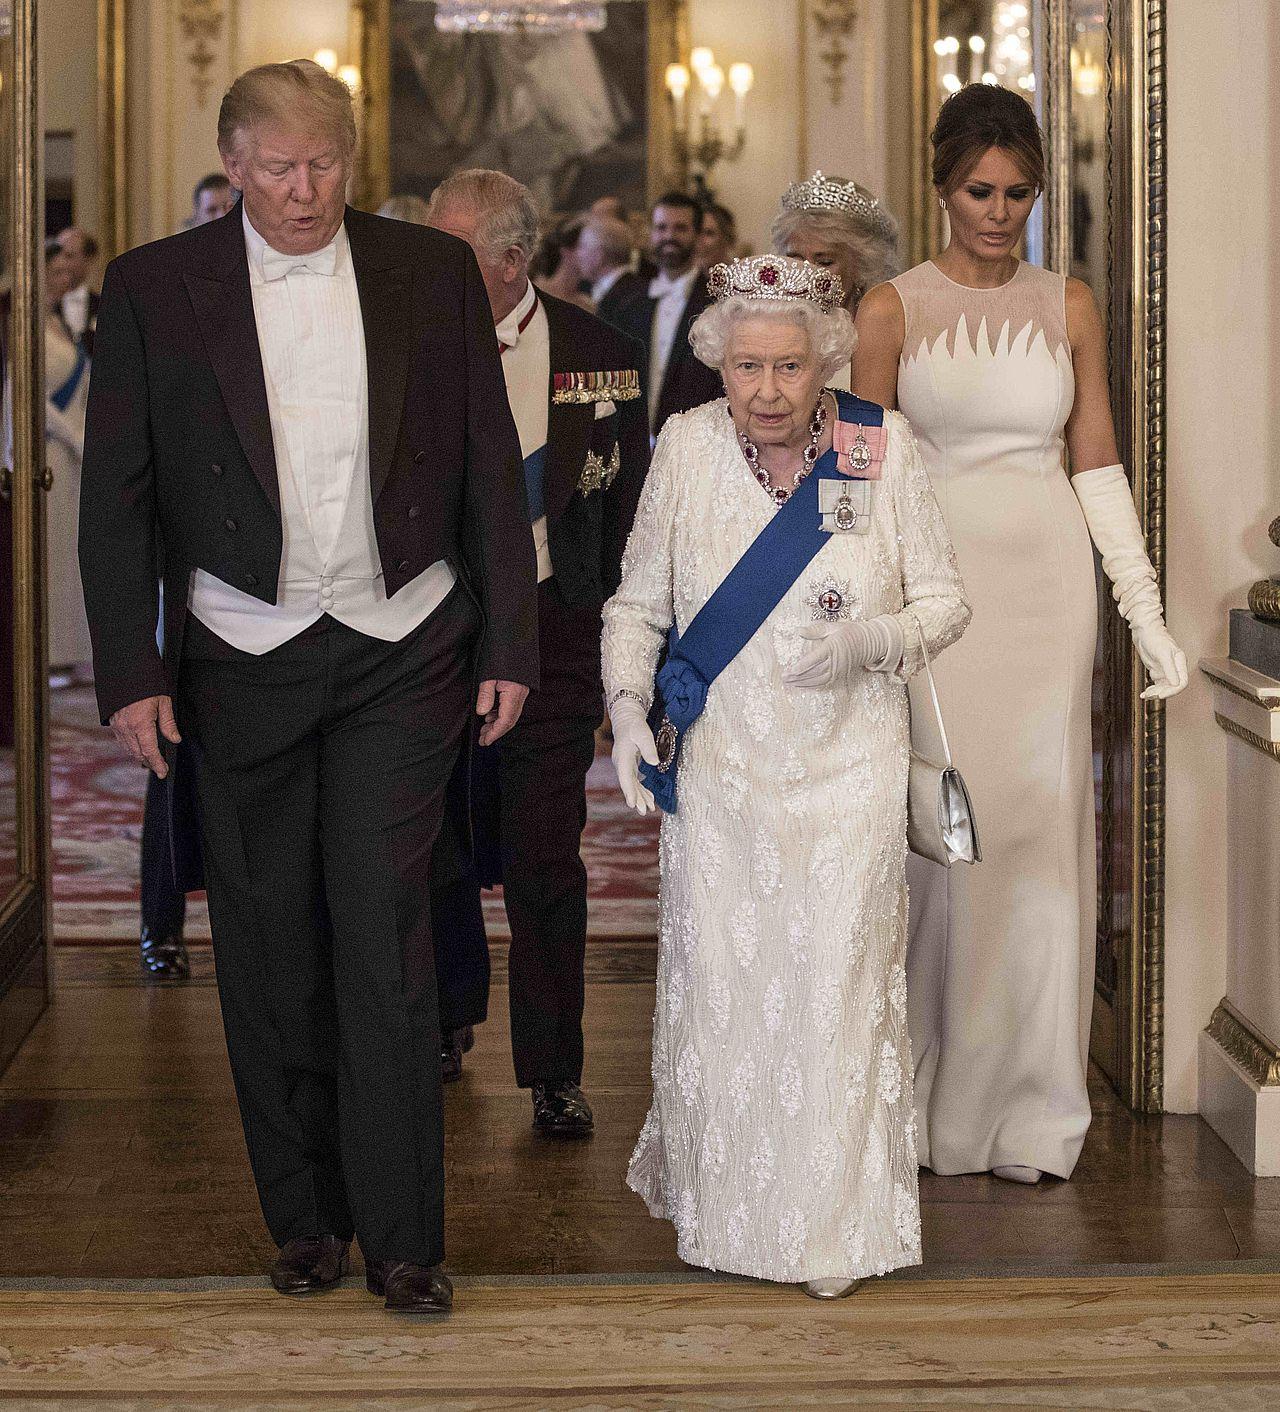 Księżna Kate i Melania Trump w BIAŁYCH sukniach na bankiecie